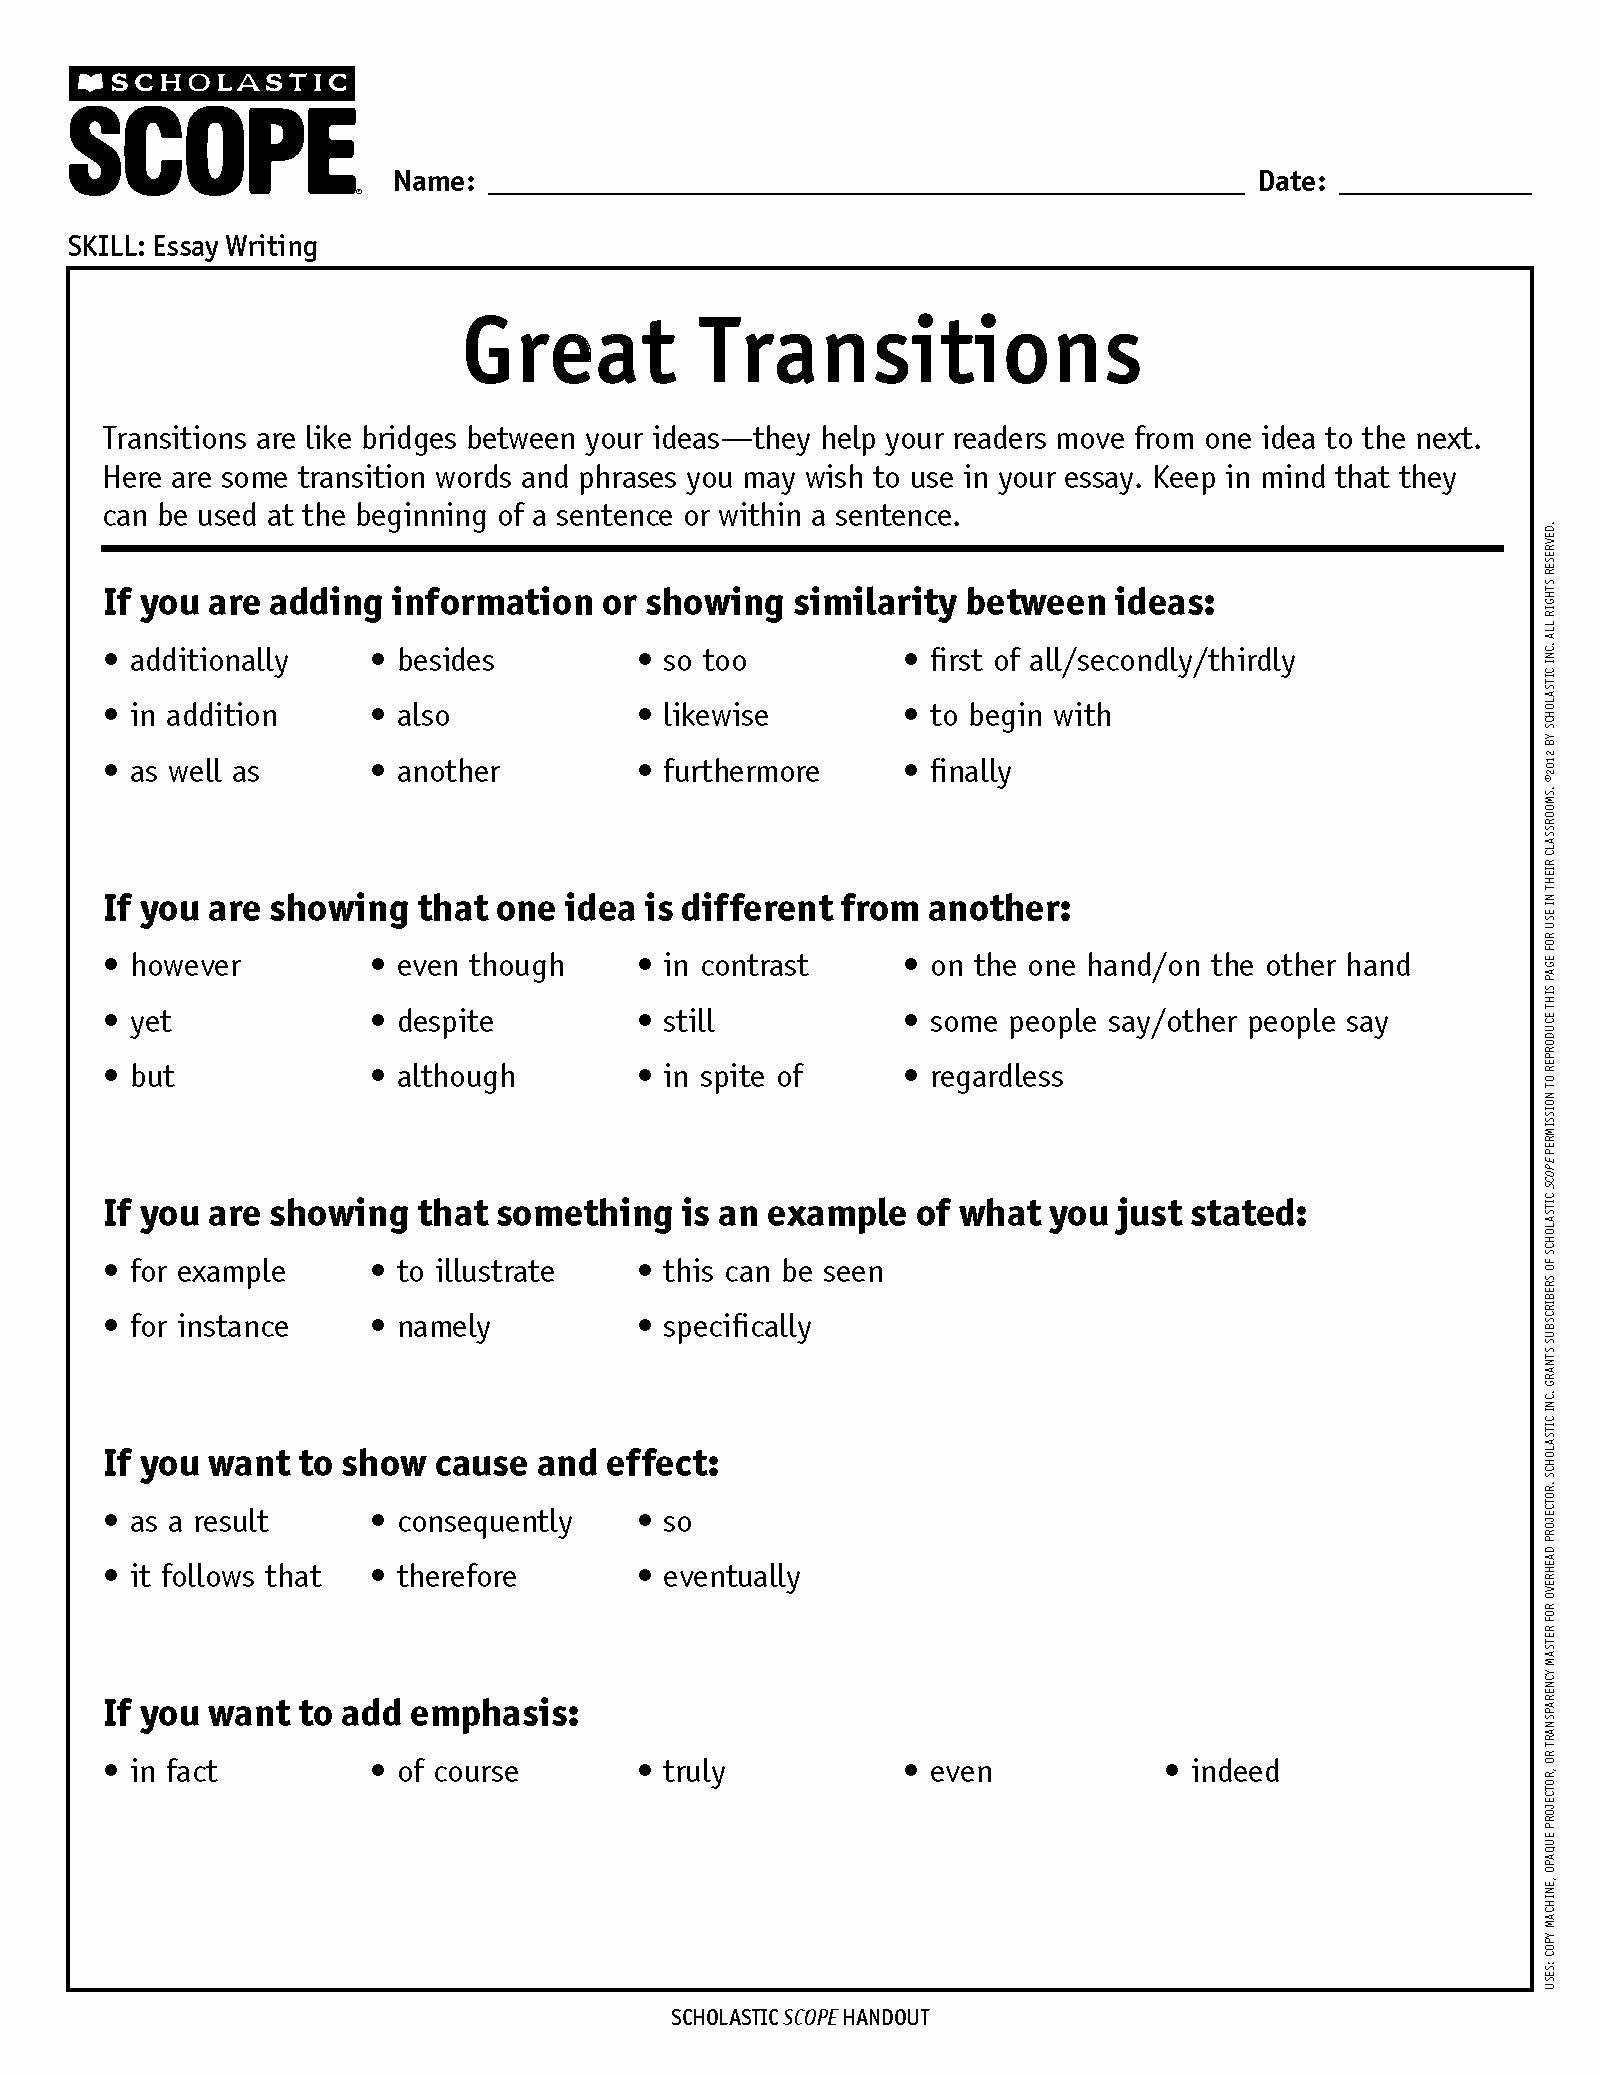 Argumentative Essay Transition Words Pdf New How To Choose The Perfect Transition Word Transition Words Transition Words And Phrases Transition Words Worksheet